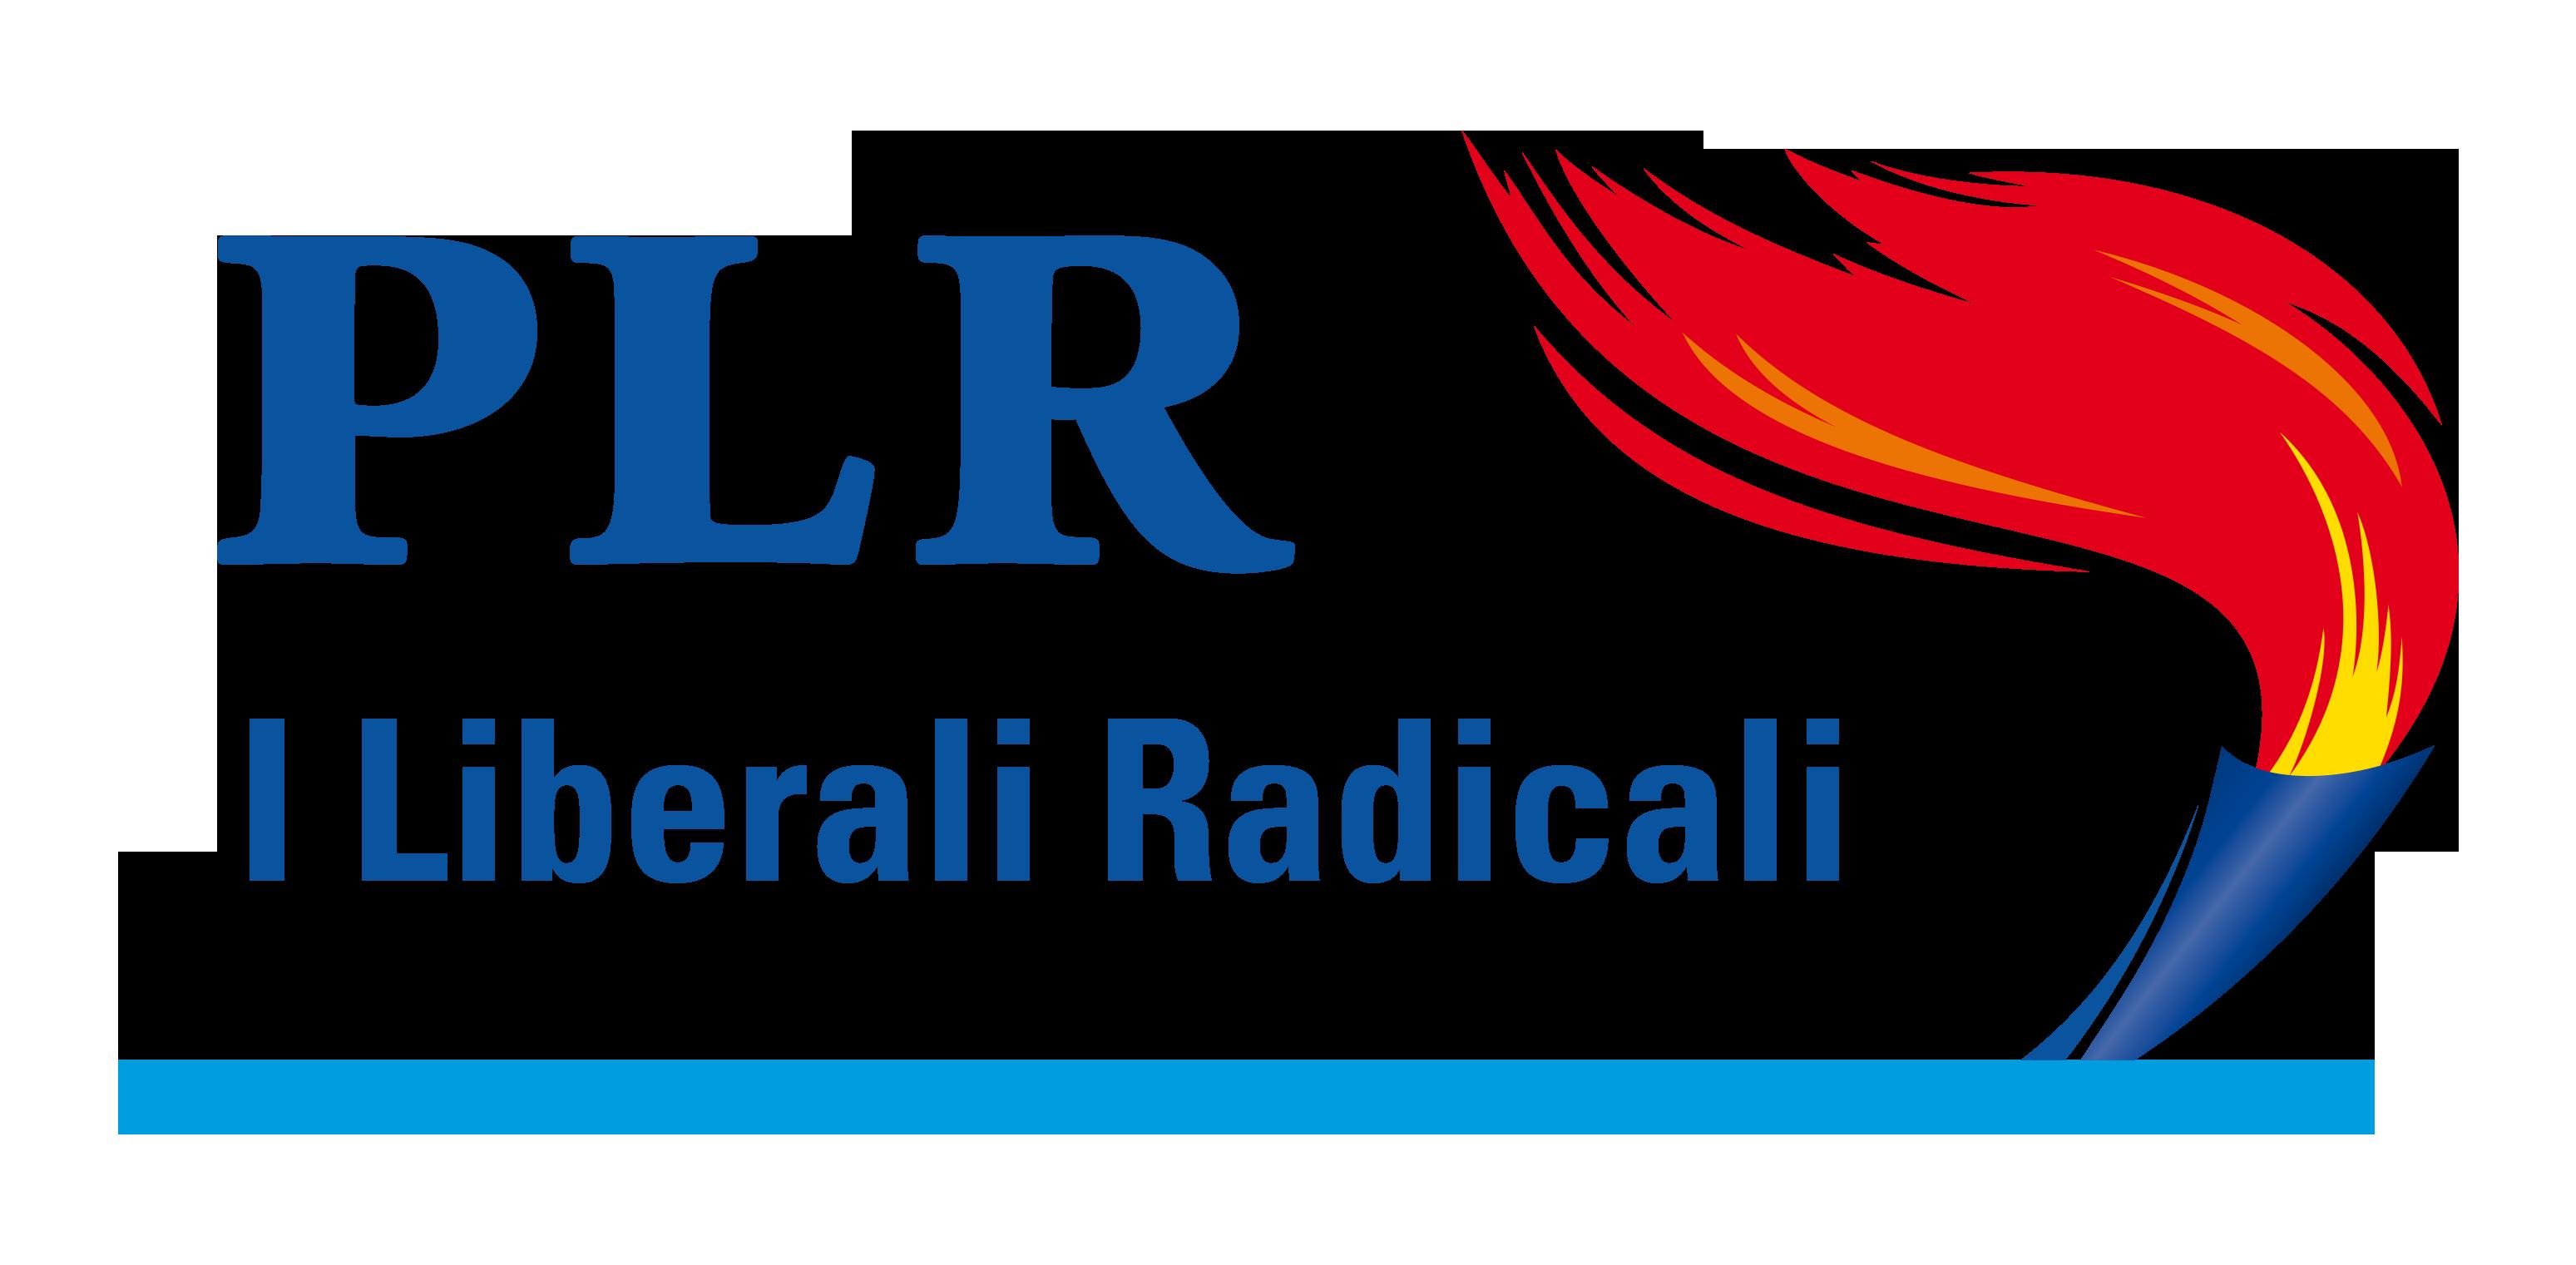 Partito Liberale Radicale Ticinese